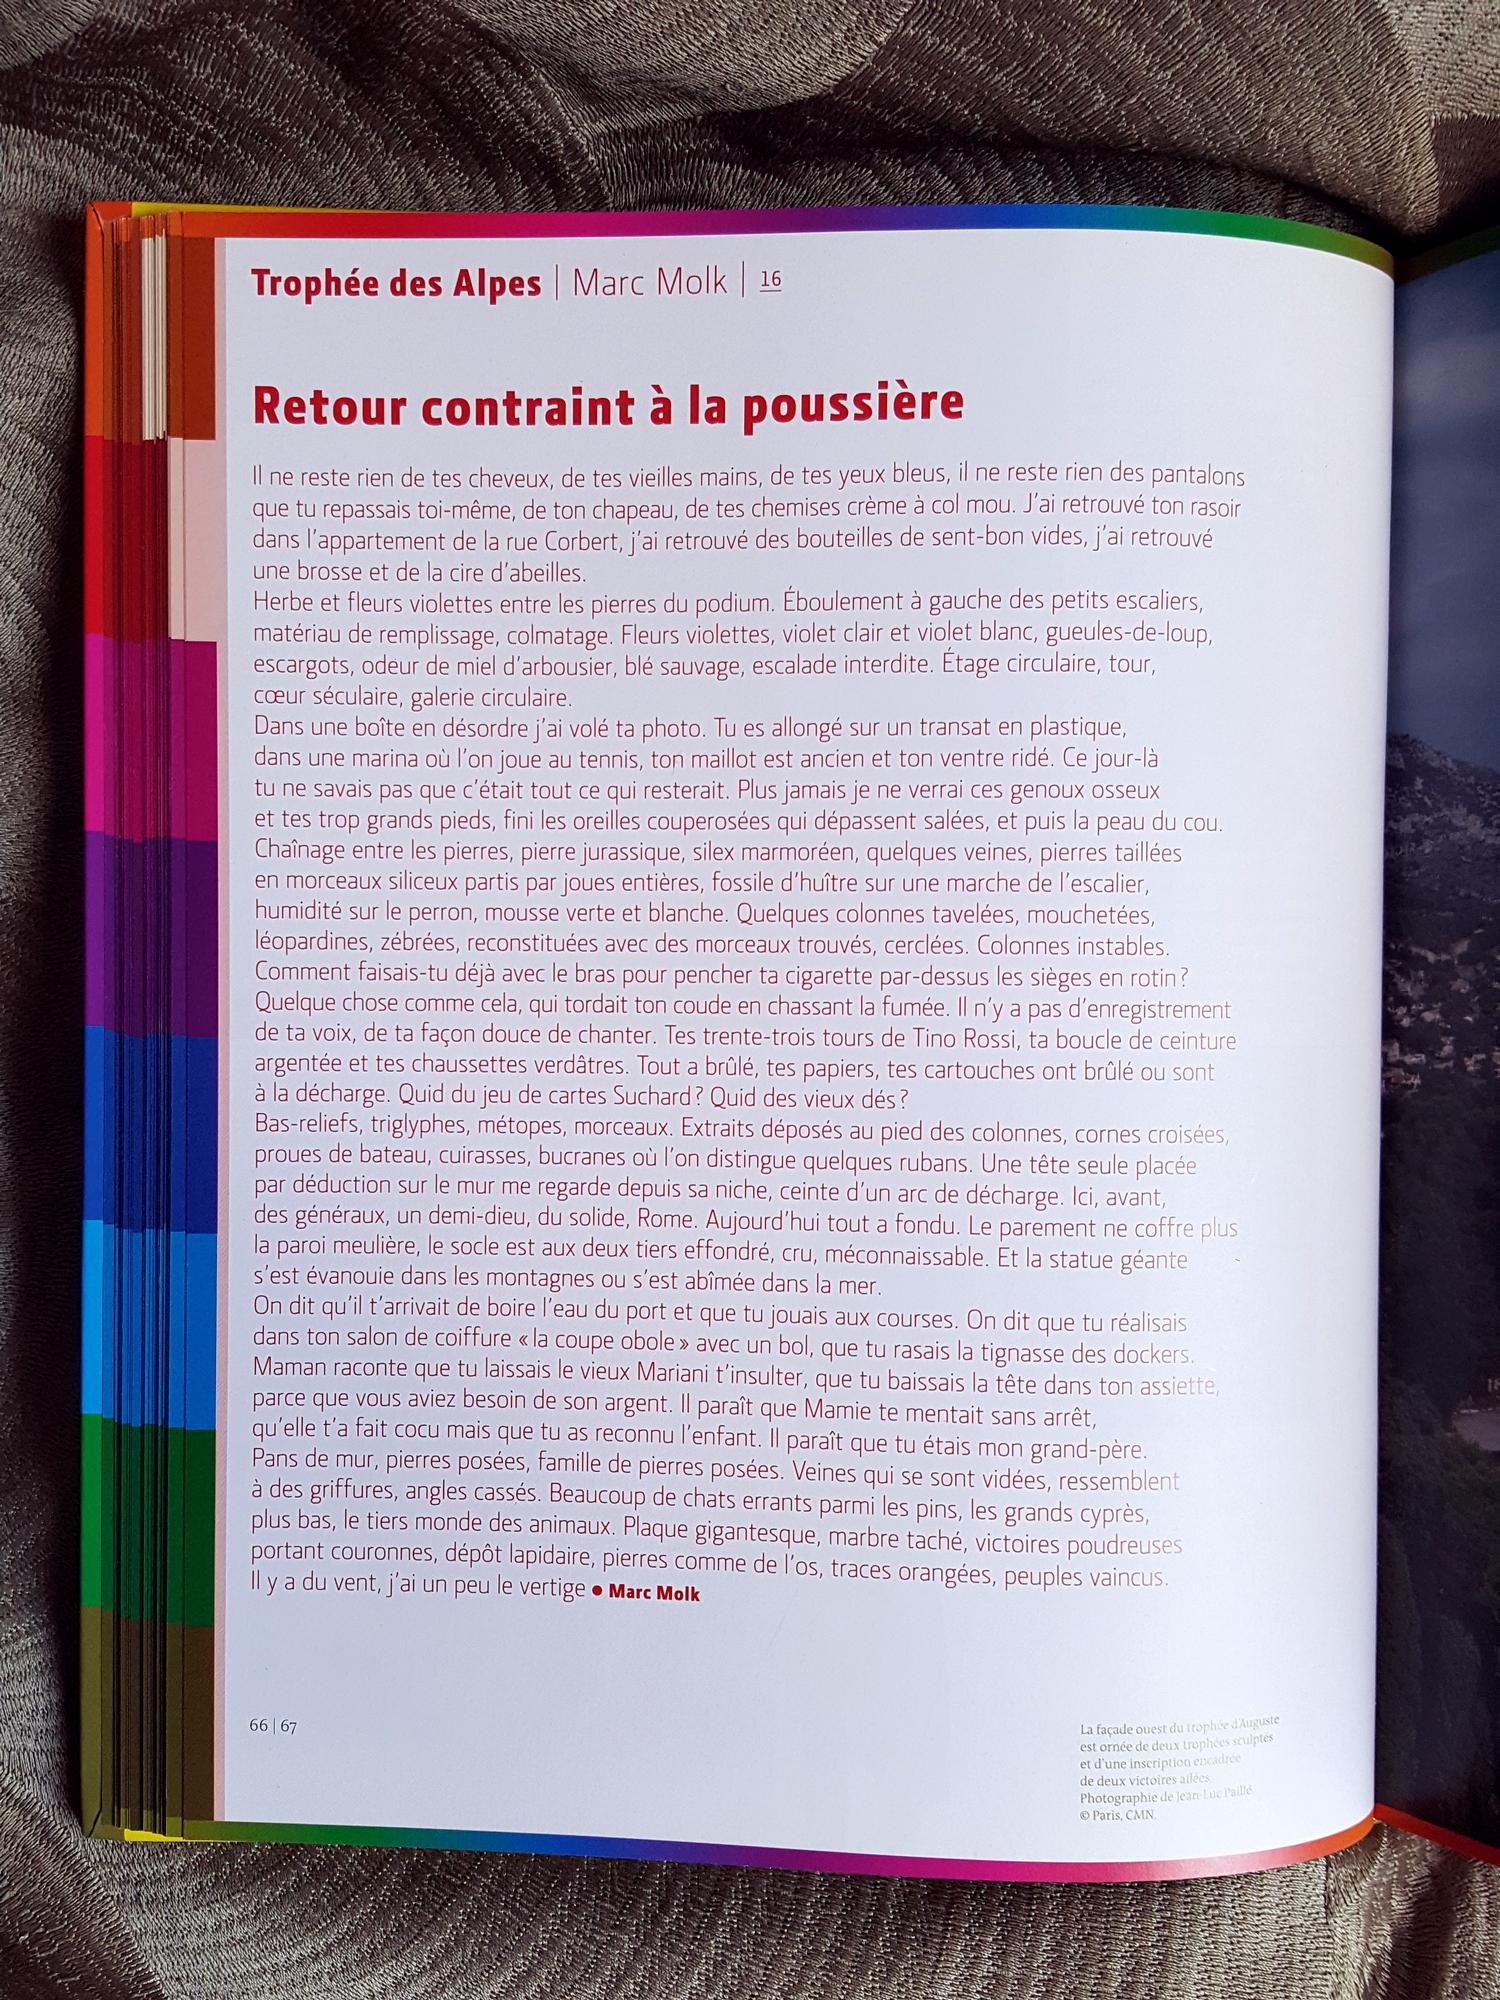 100 monuments, 100 écrivains / Histoires de France, éditions du Patrimoine, CMN, janvier 2009